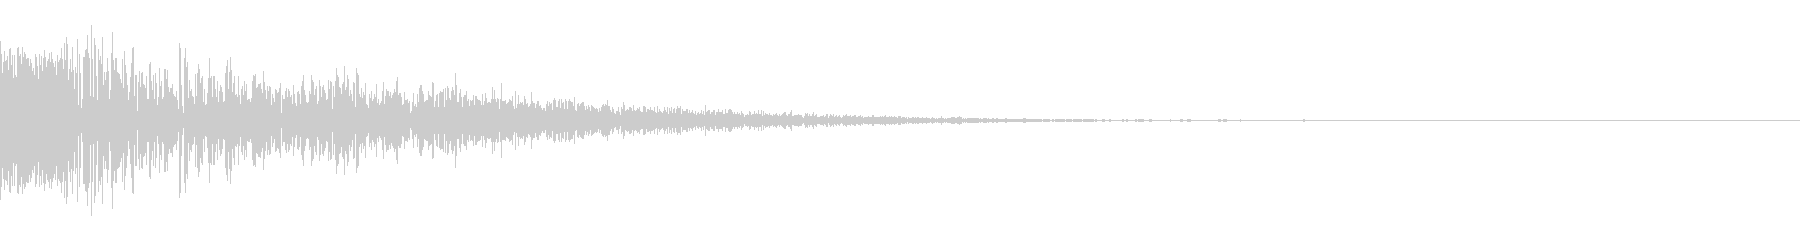 ドシュッ(斬撃/重い/強攻撃)の未再生の波形